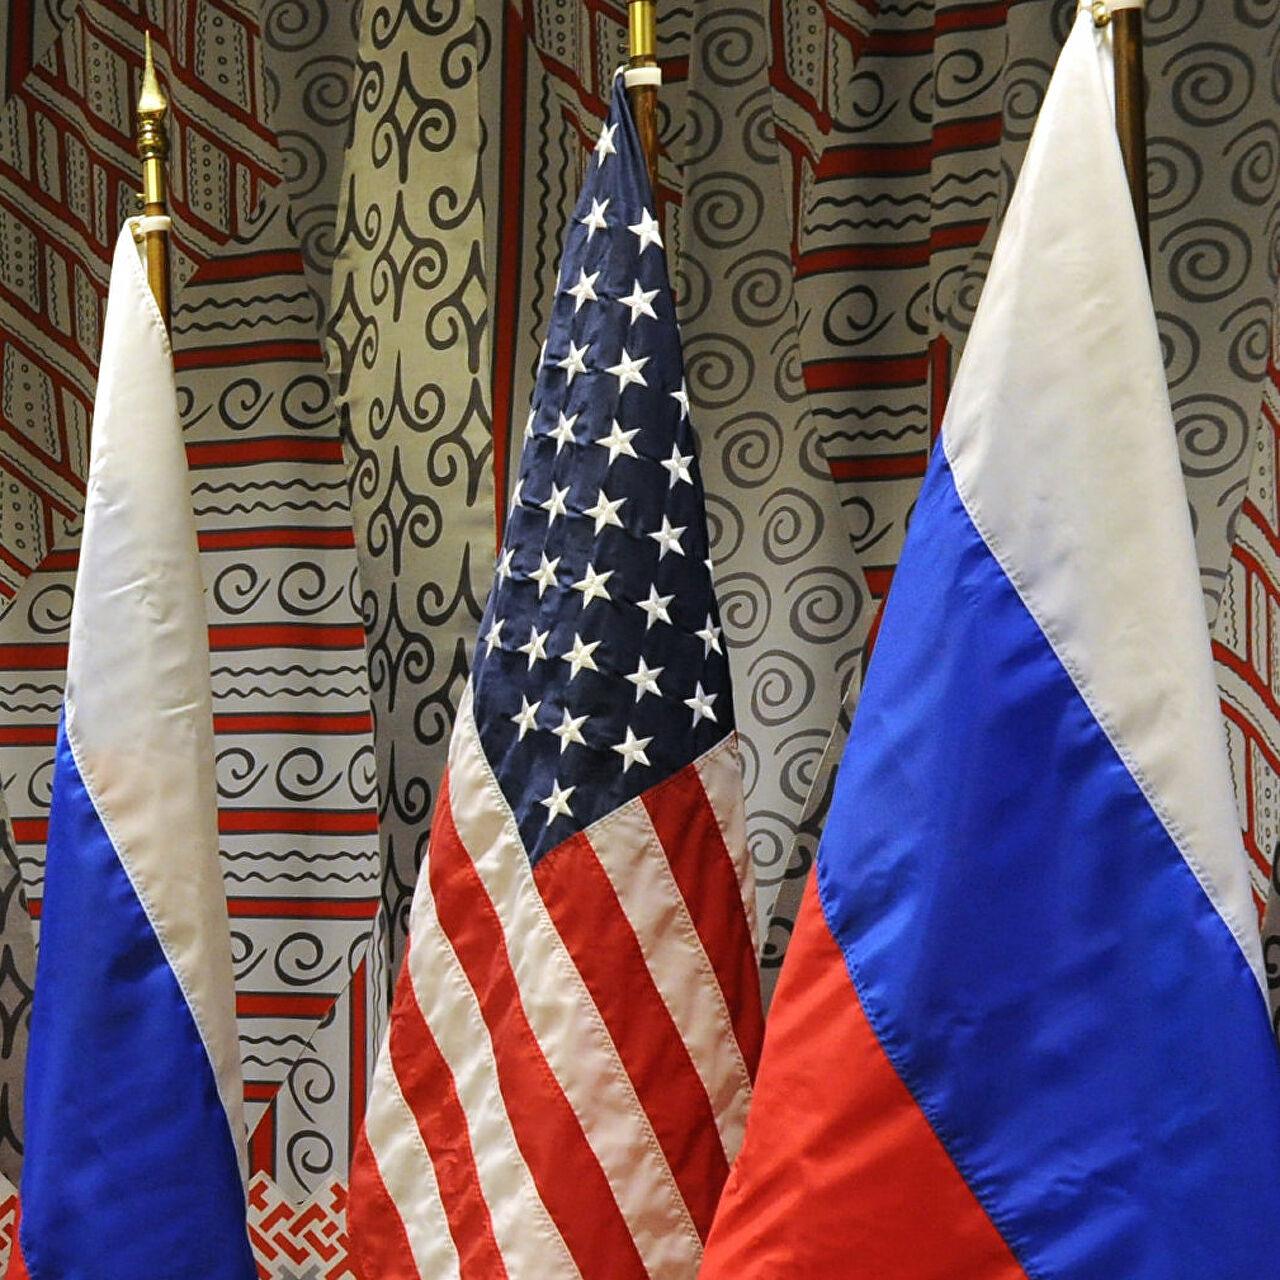 Песков: Са САД треба разговарати о стратешкој стабилности, контроли наоружања и решавању регионалних сукоба